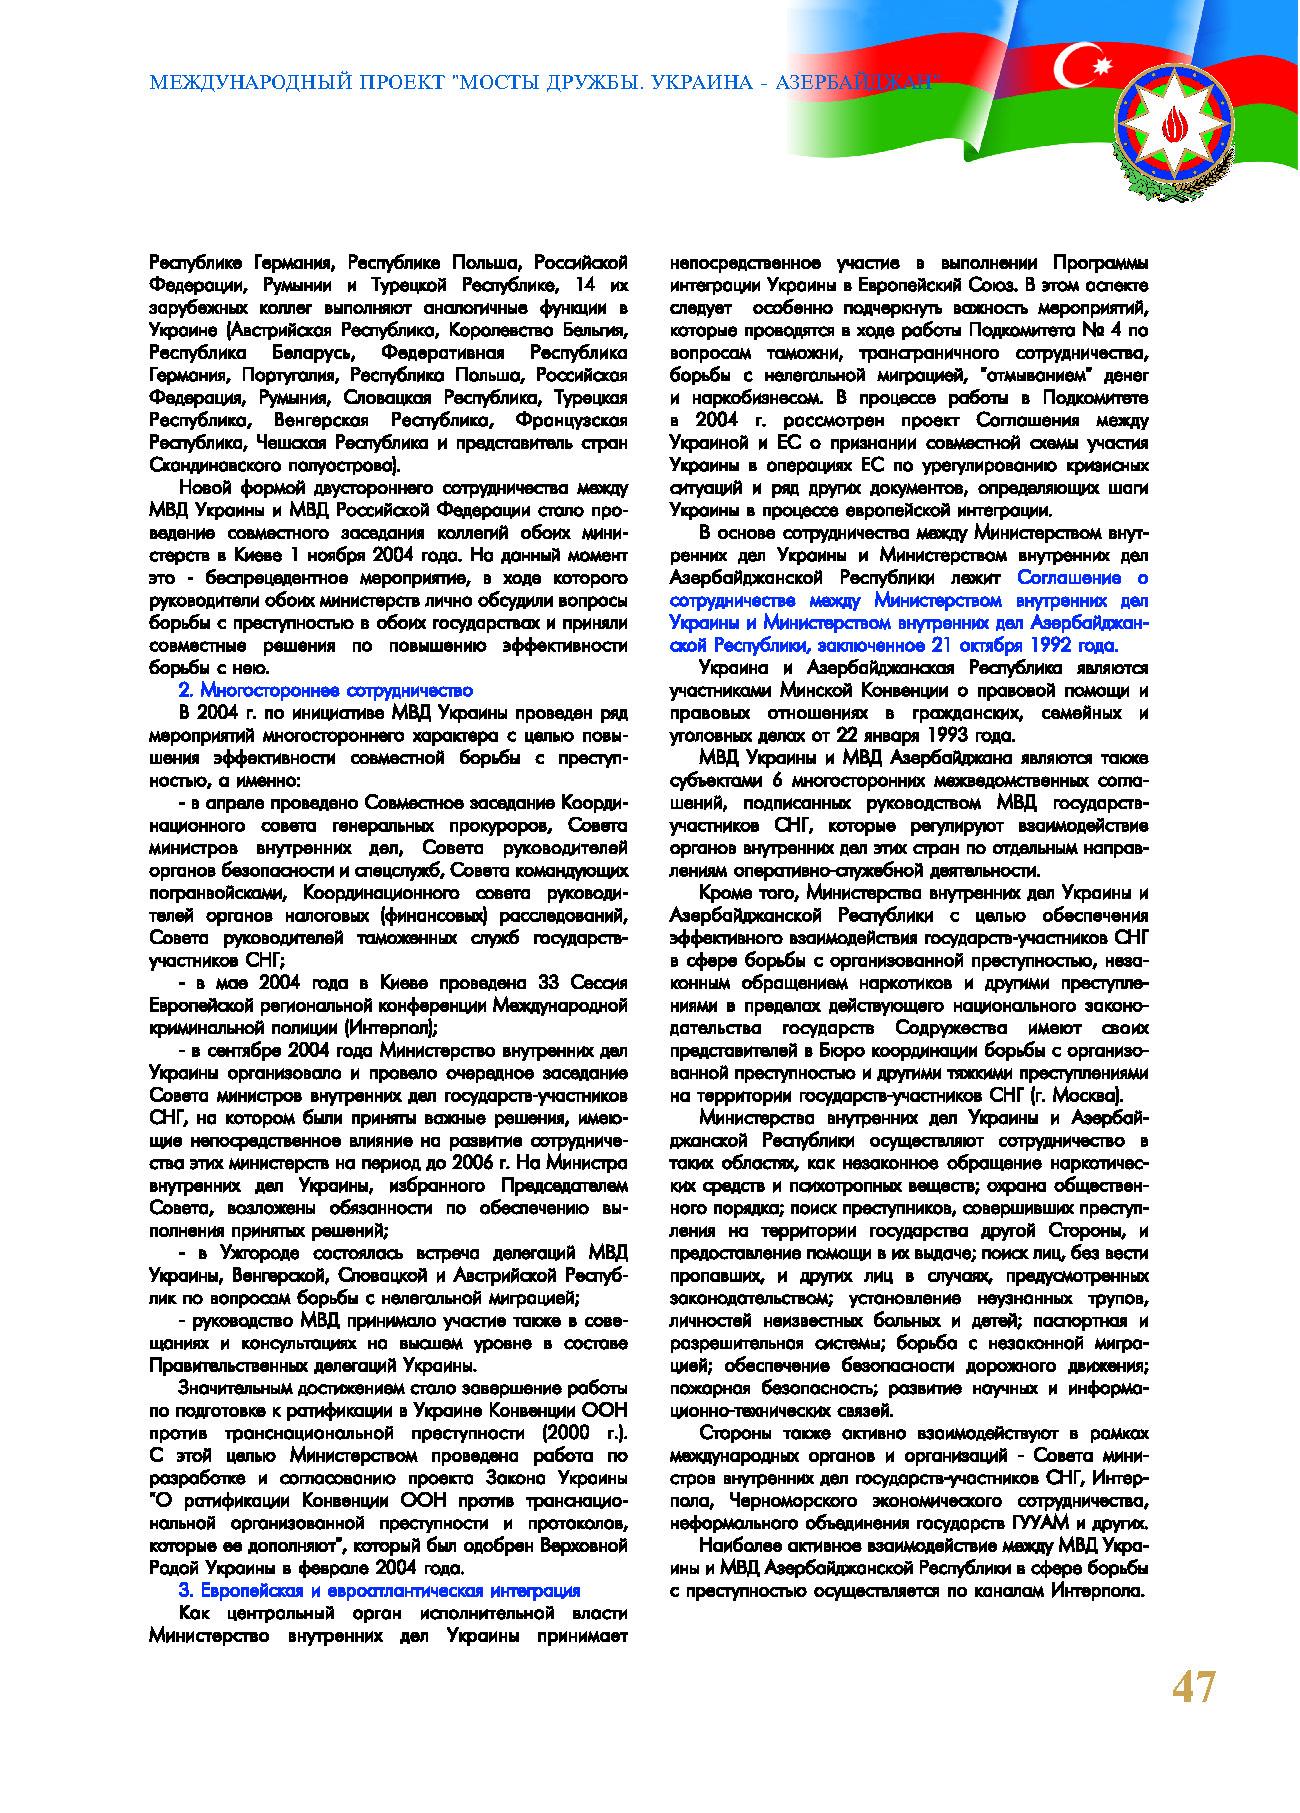 Международное сотрудничество Министерства внутренних дел Украины и Азербайджанской Республики